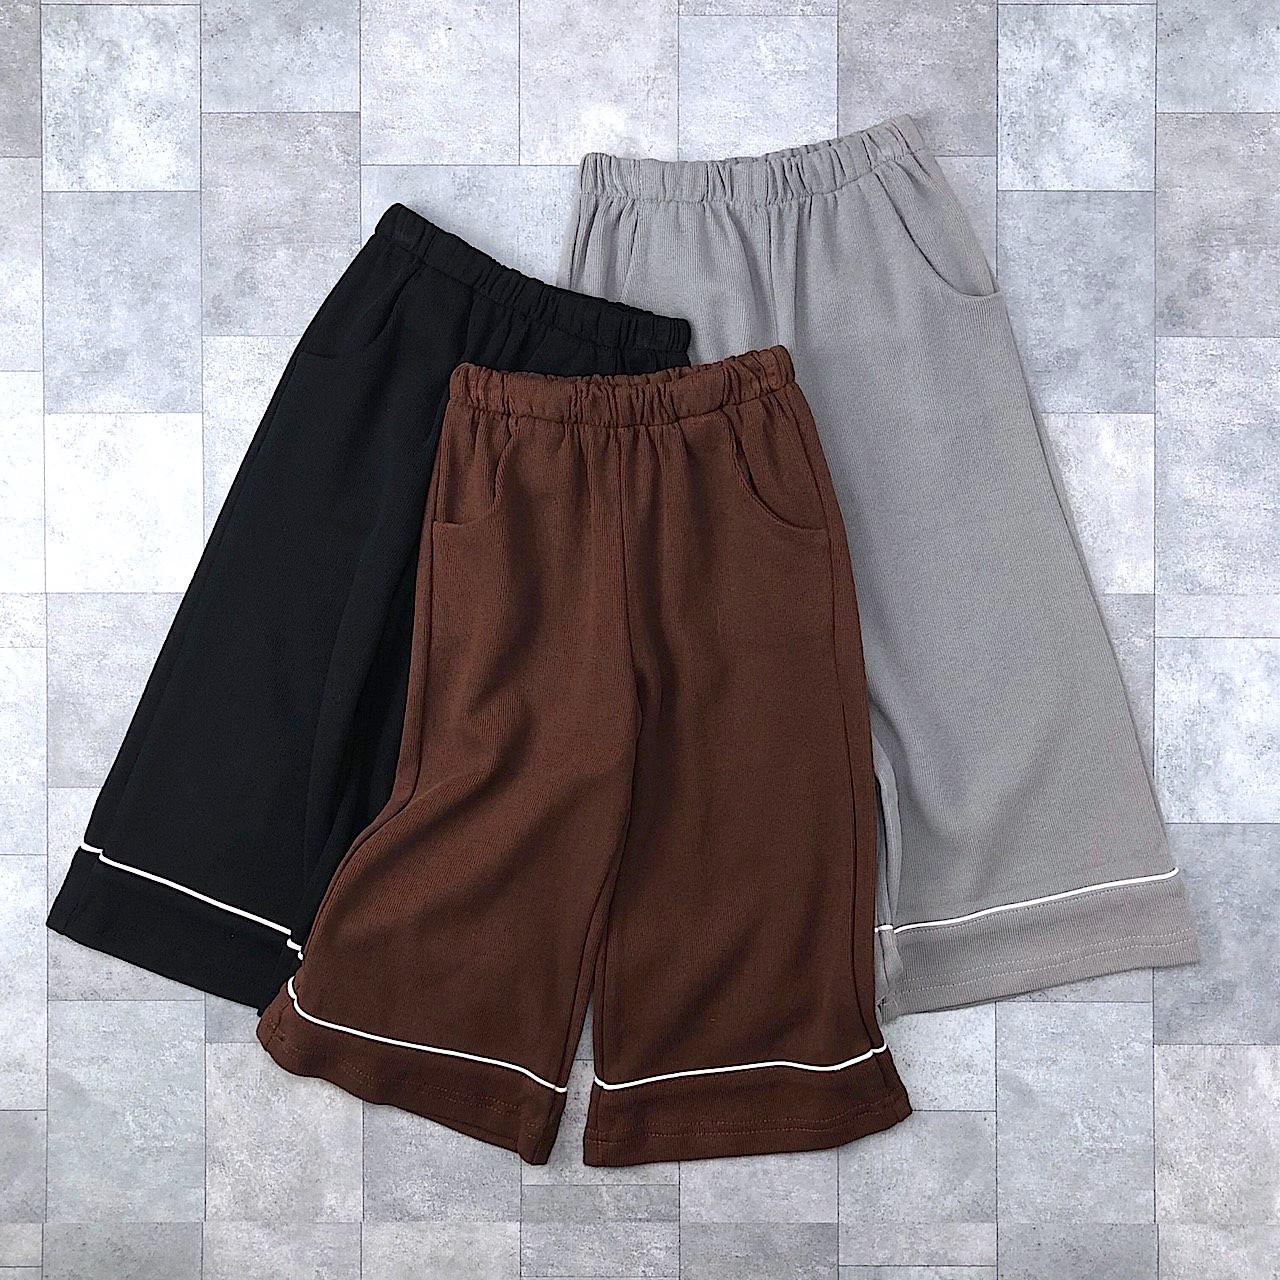 スウェットガウチョパンツ(3カラー)no.709006 #子供服 #子ども服 #男の子 #女の子 #パンツ